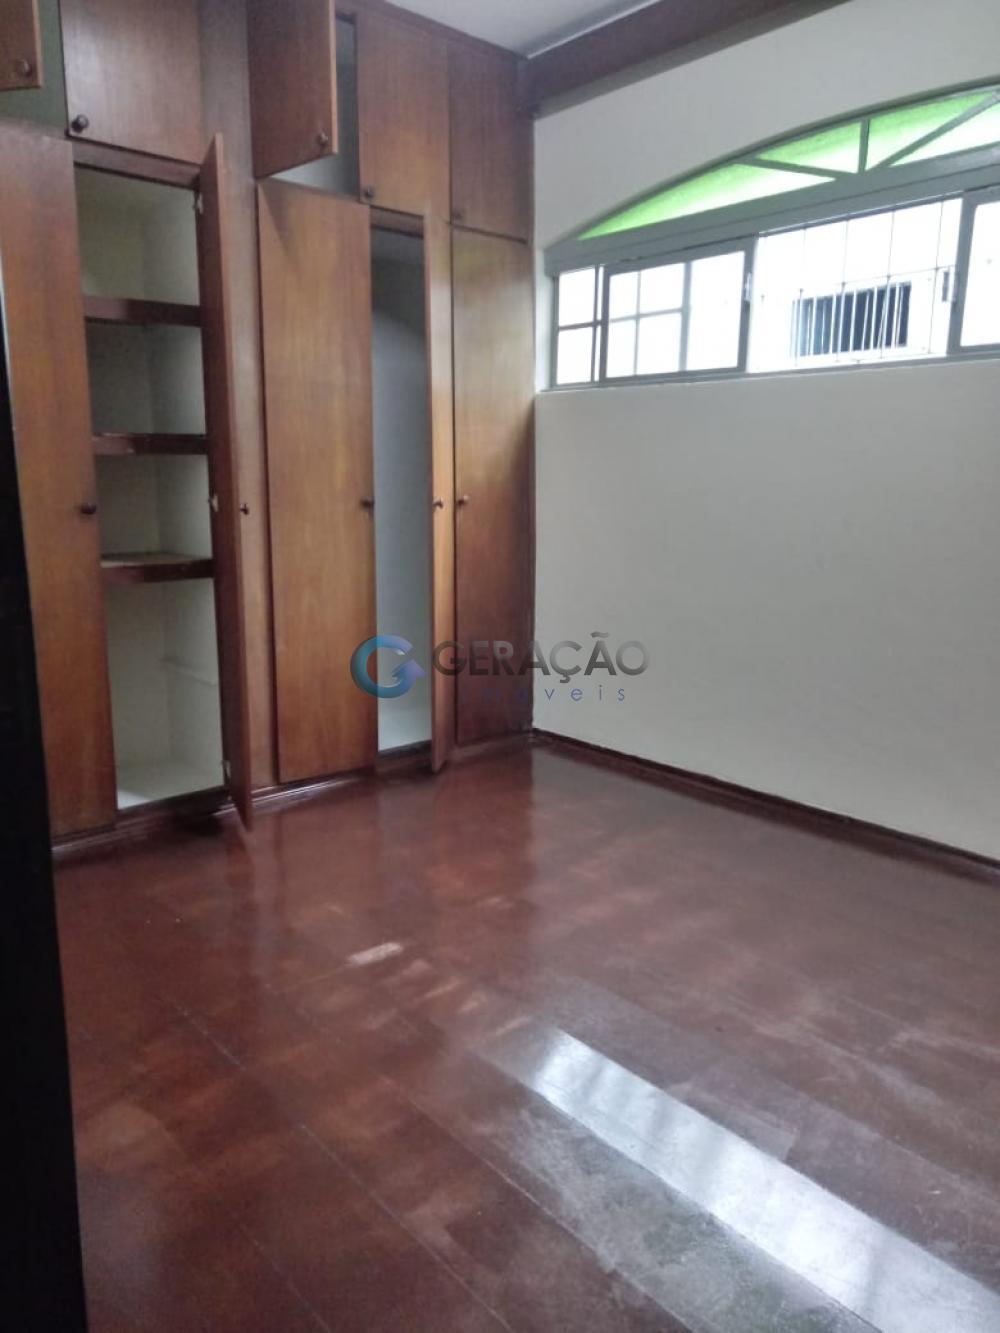 Alugar Comercial / Casa em São José dos Campos R$ 3.800,00 - Foto 11